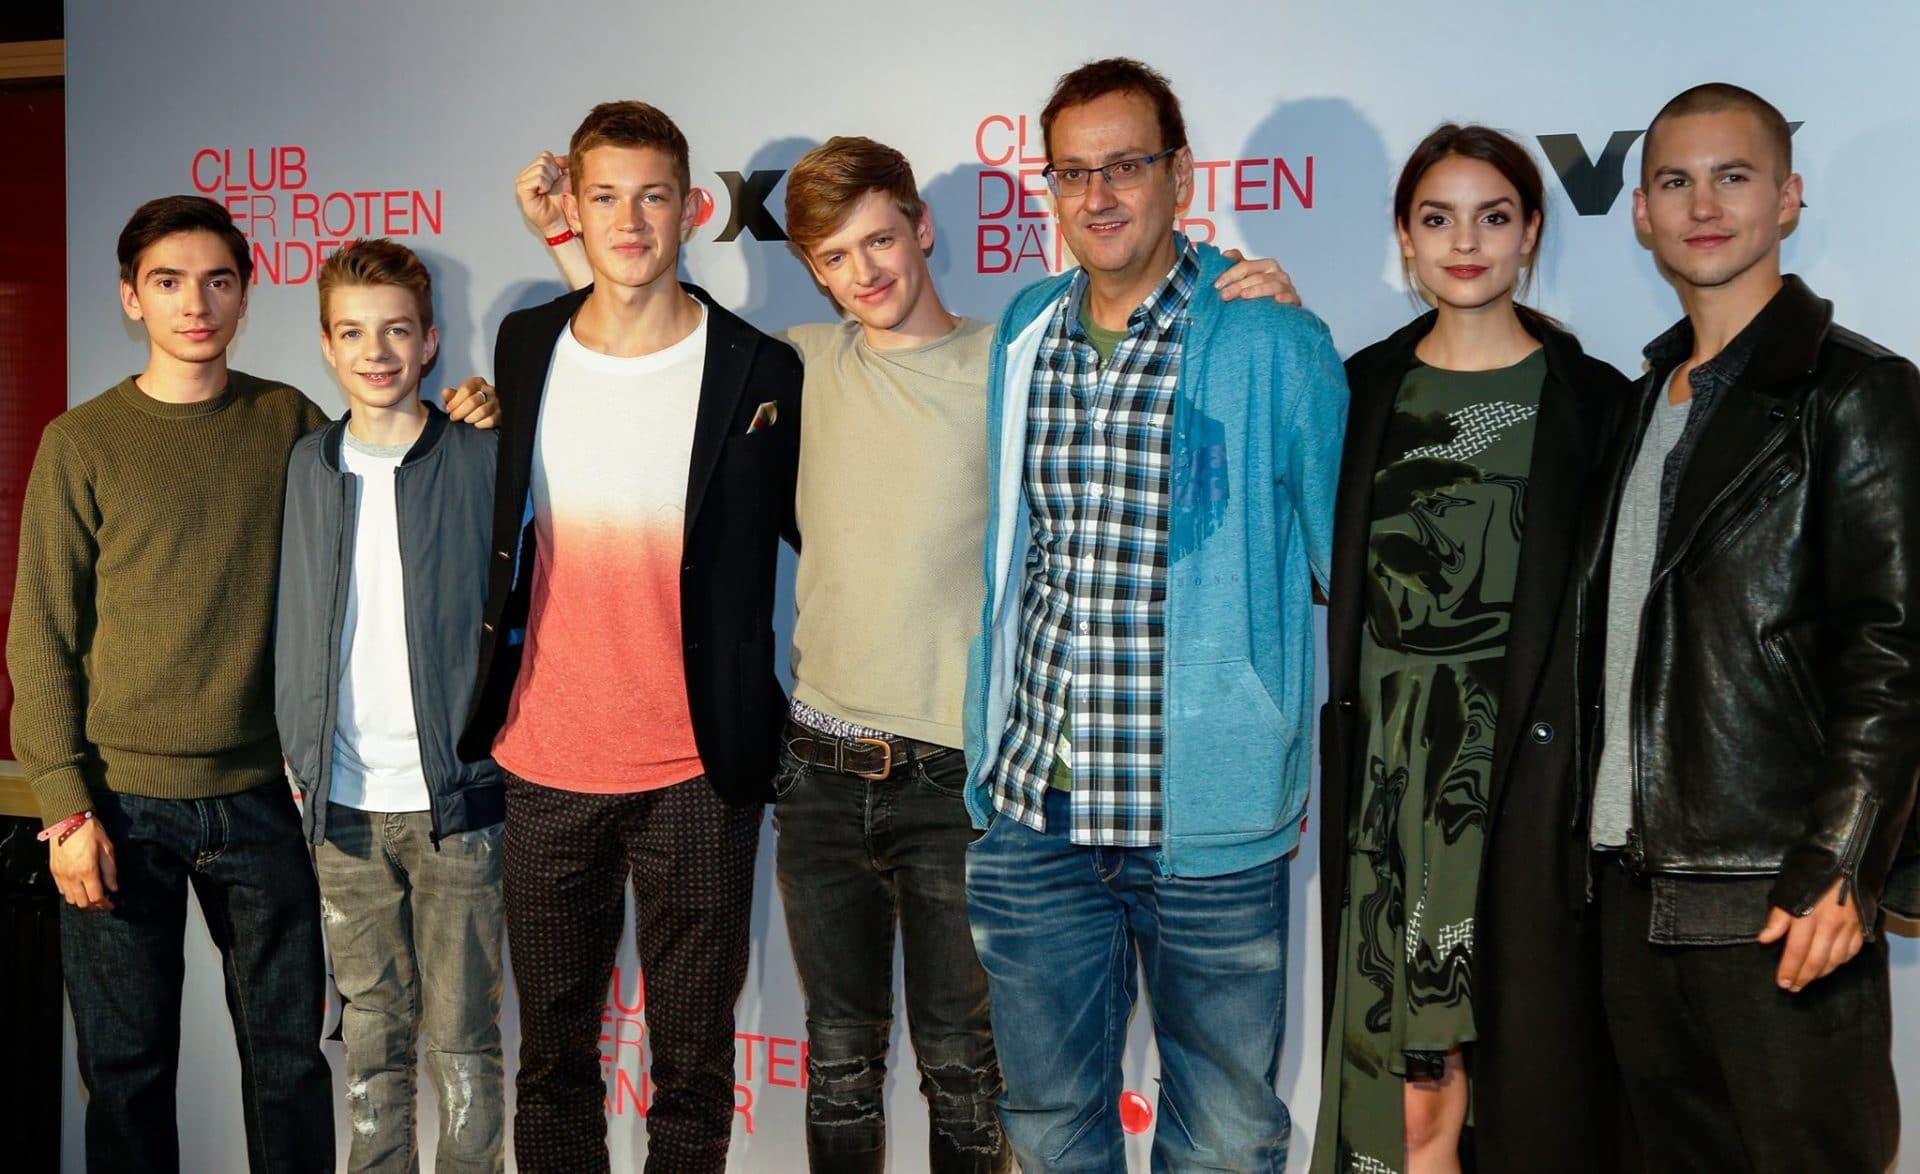 """Finale Staffel 3 von """"Club der roten Bänder"""" angekündigt - copyright: CityNEWS / Alex Weis"""